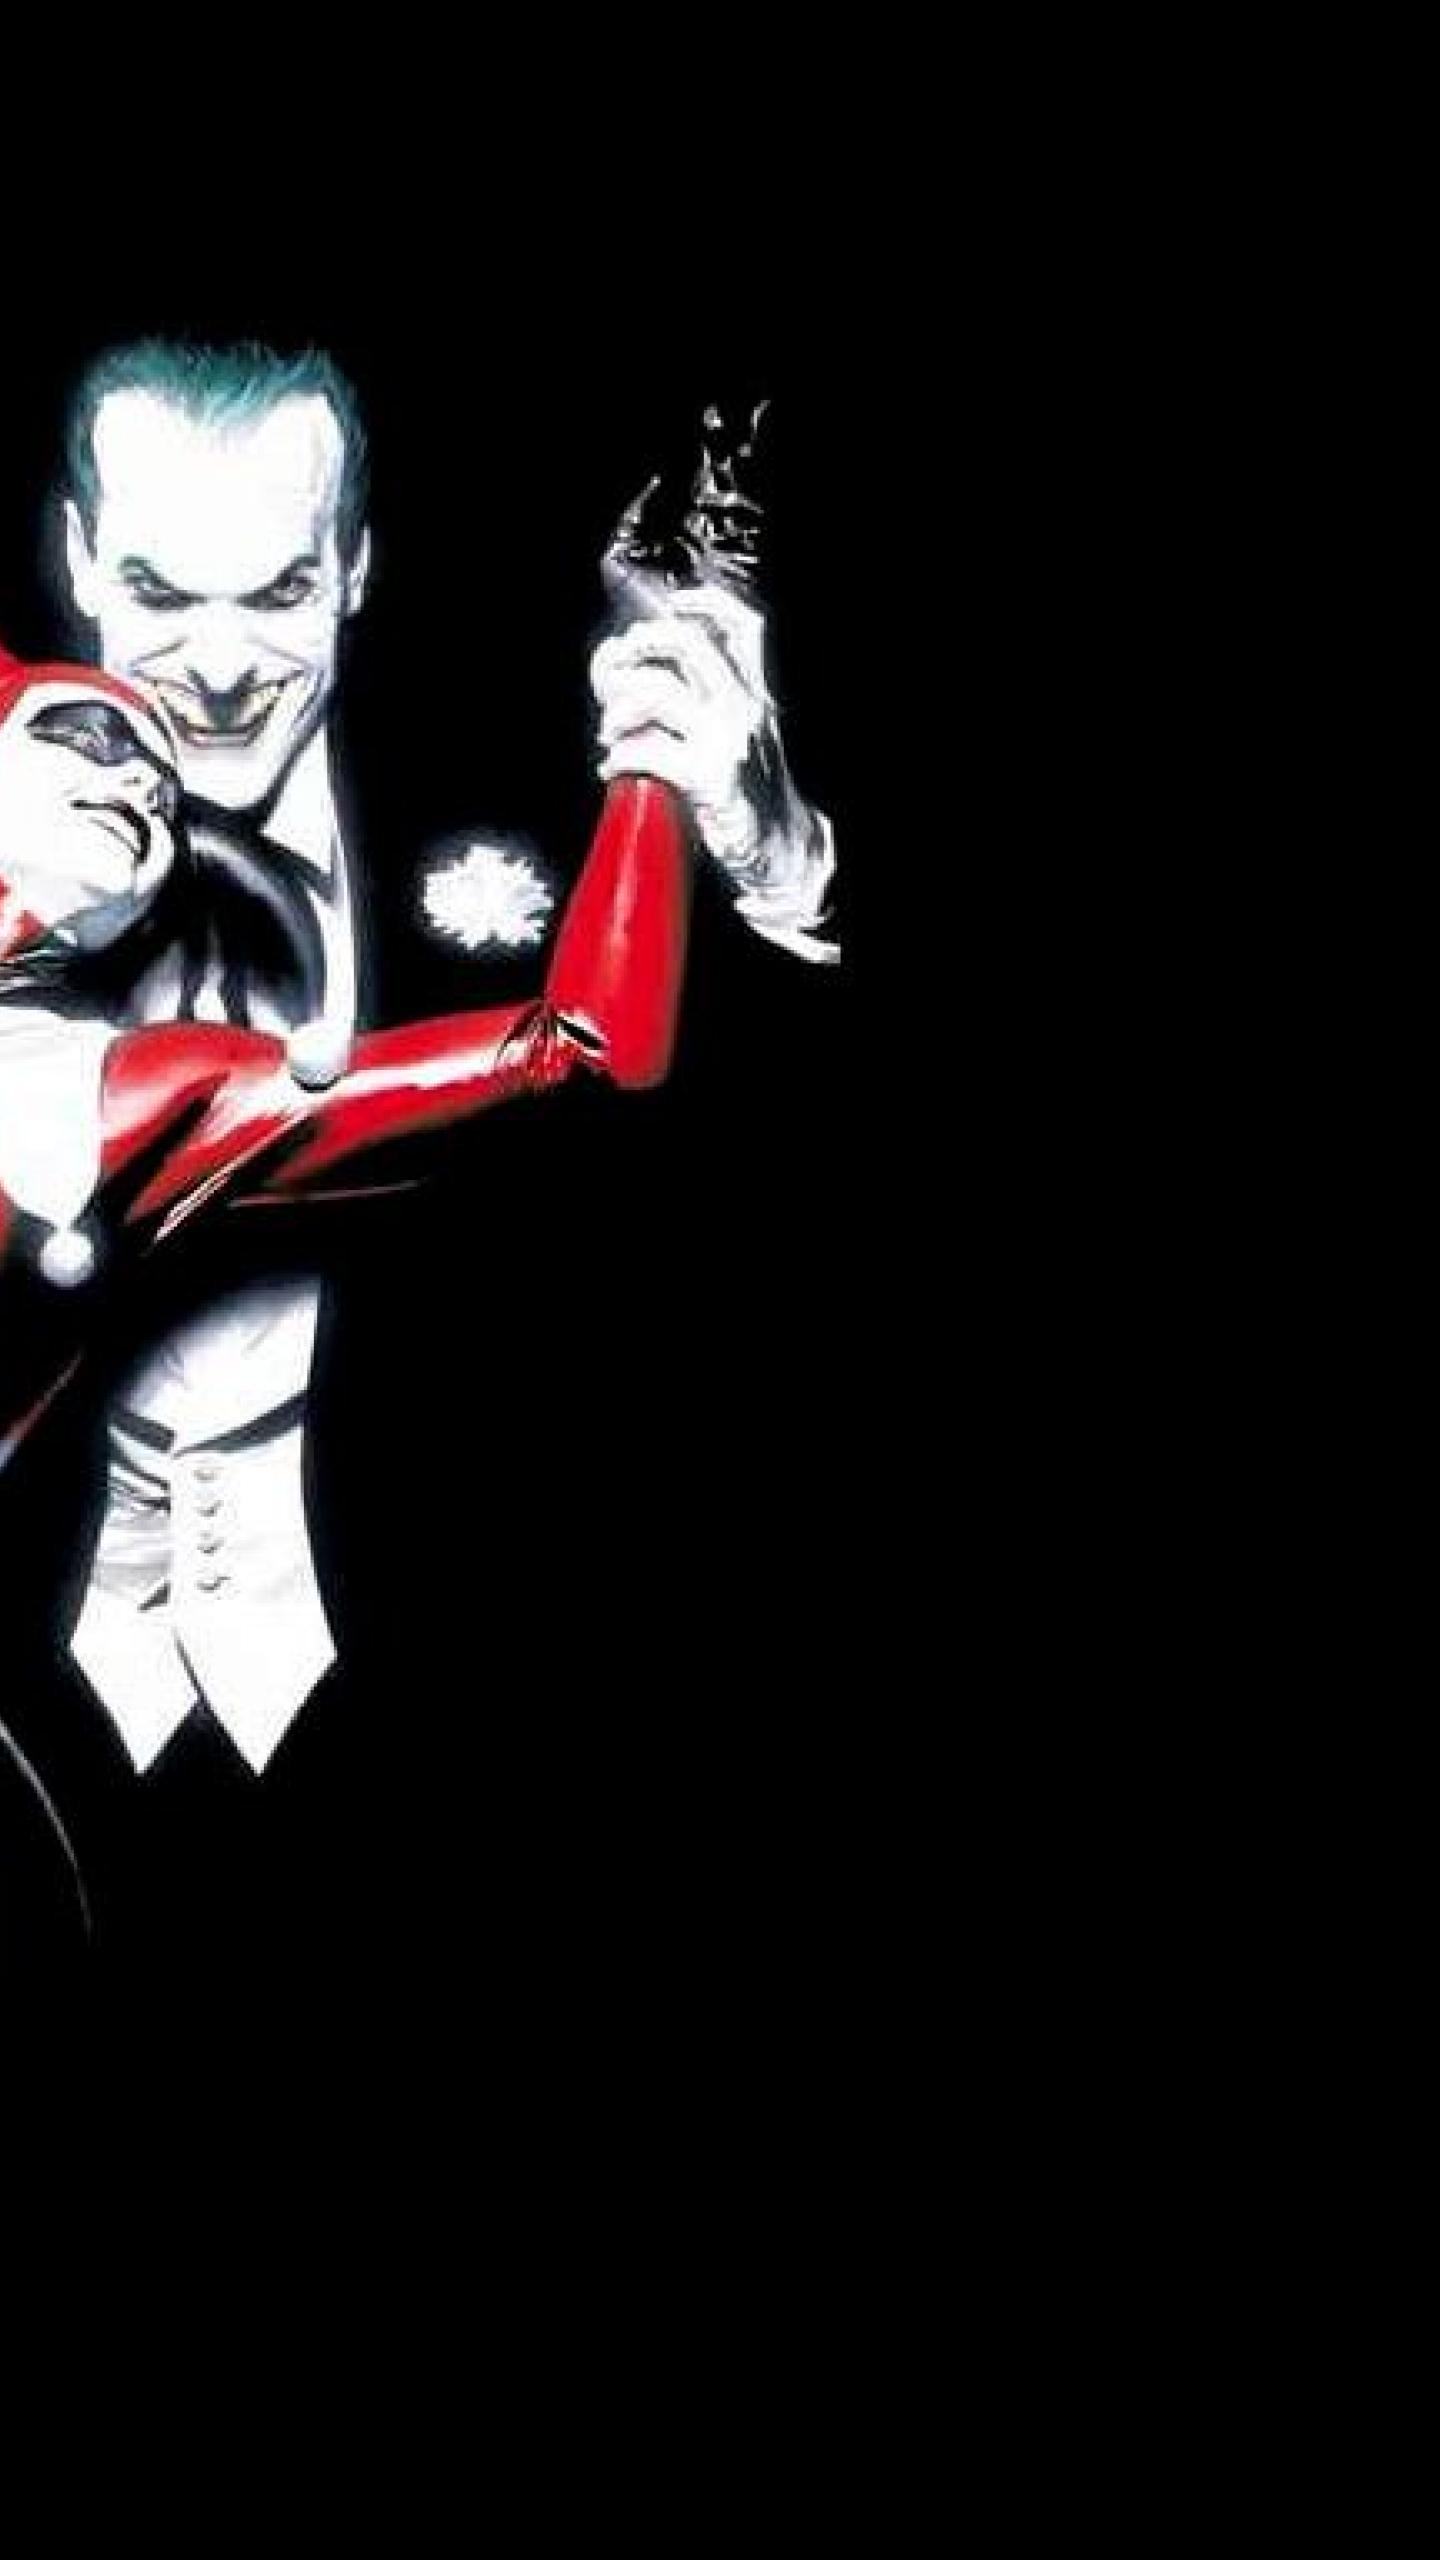 Joker And Harley Quinn Wallpaper - WallpaperSafari